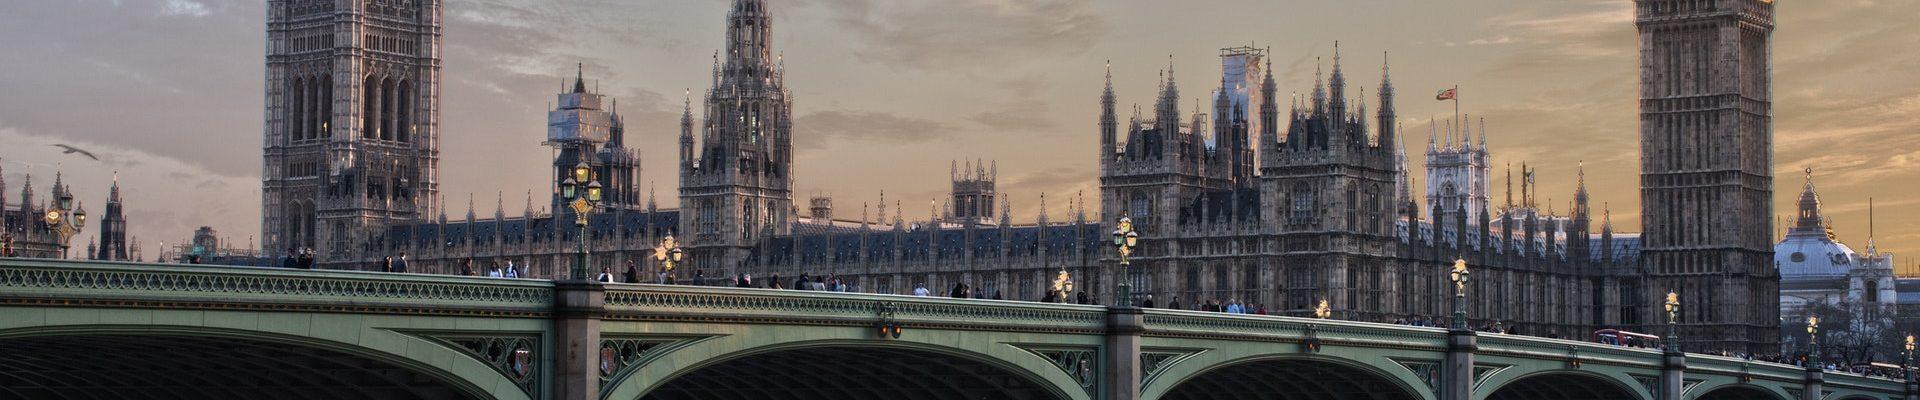 architecture-big-ben-bridge-258117